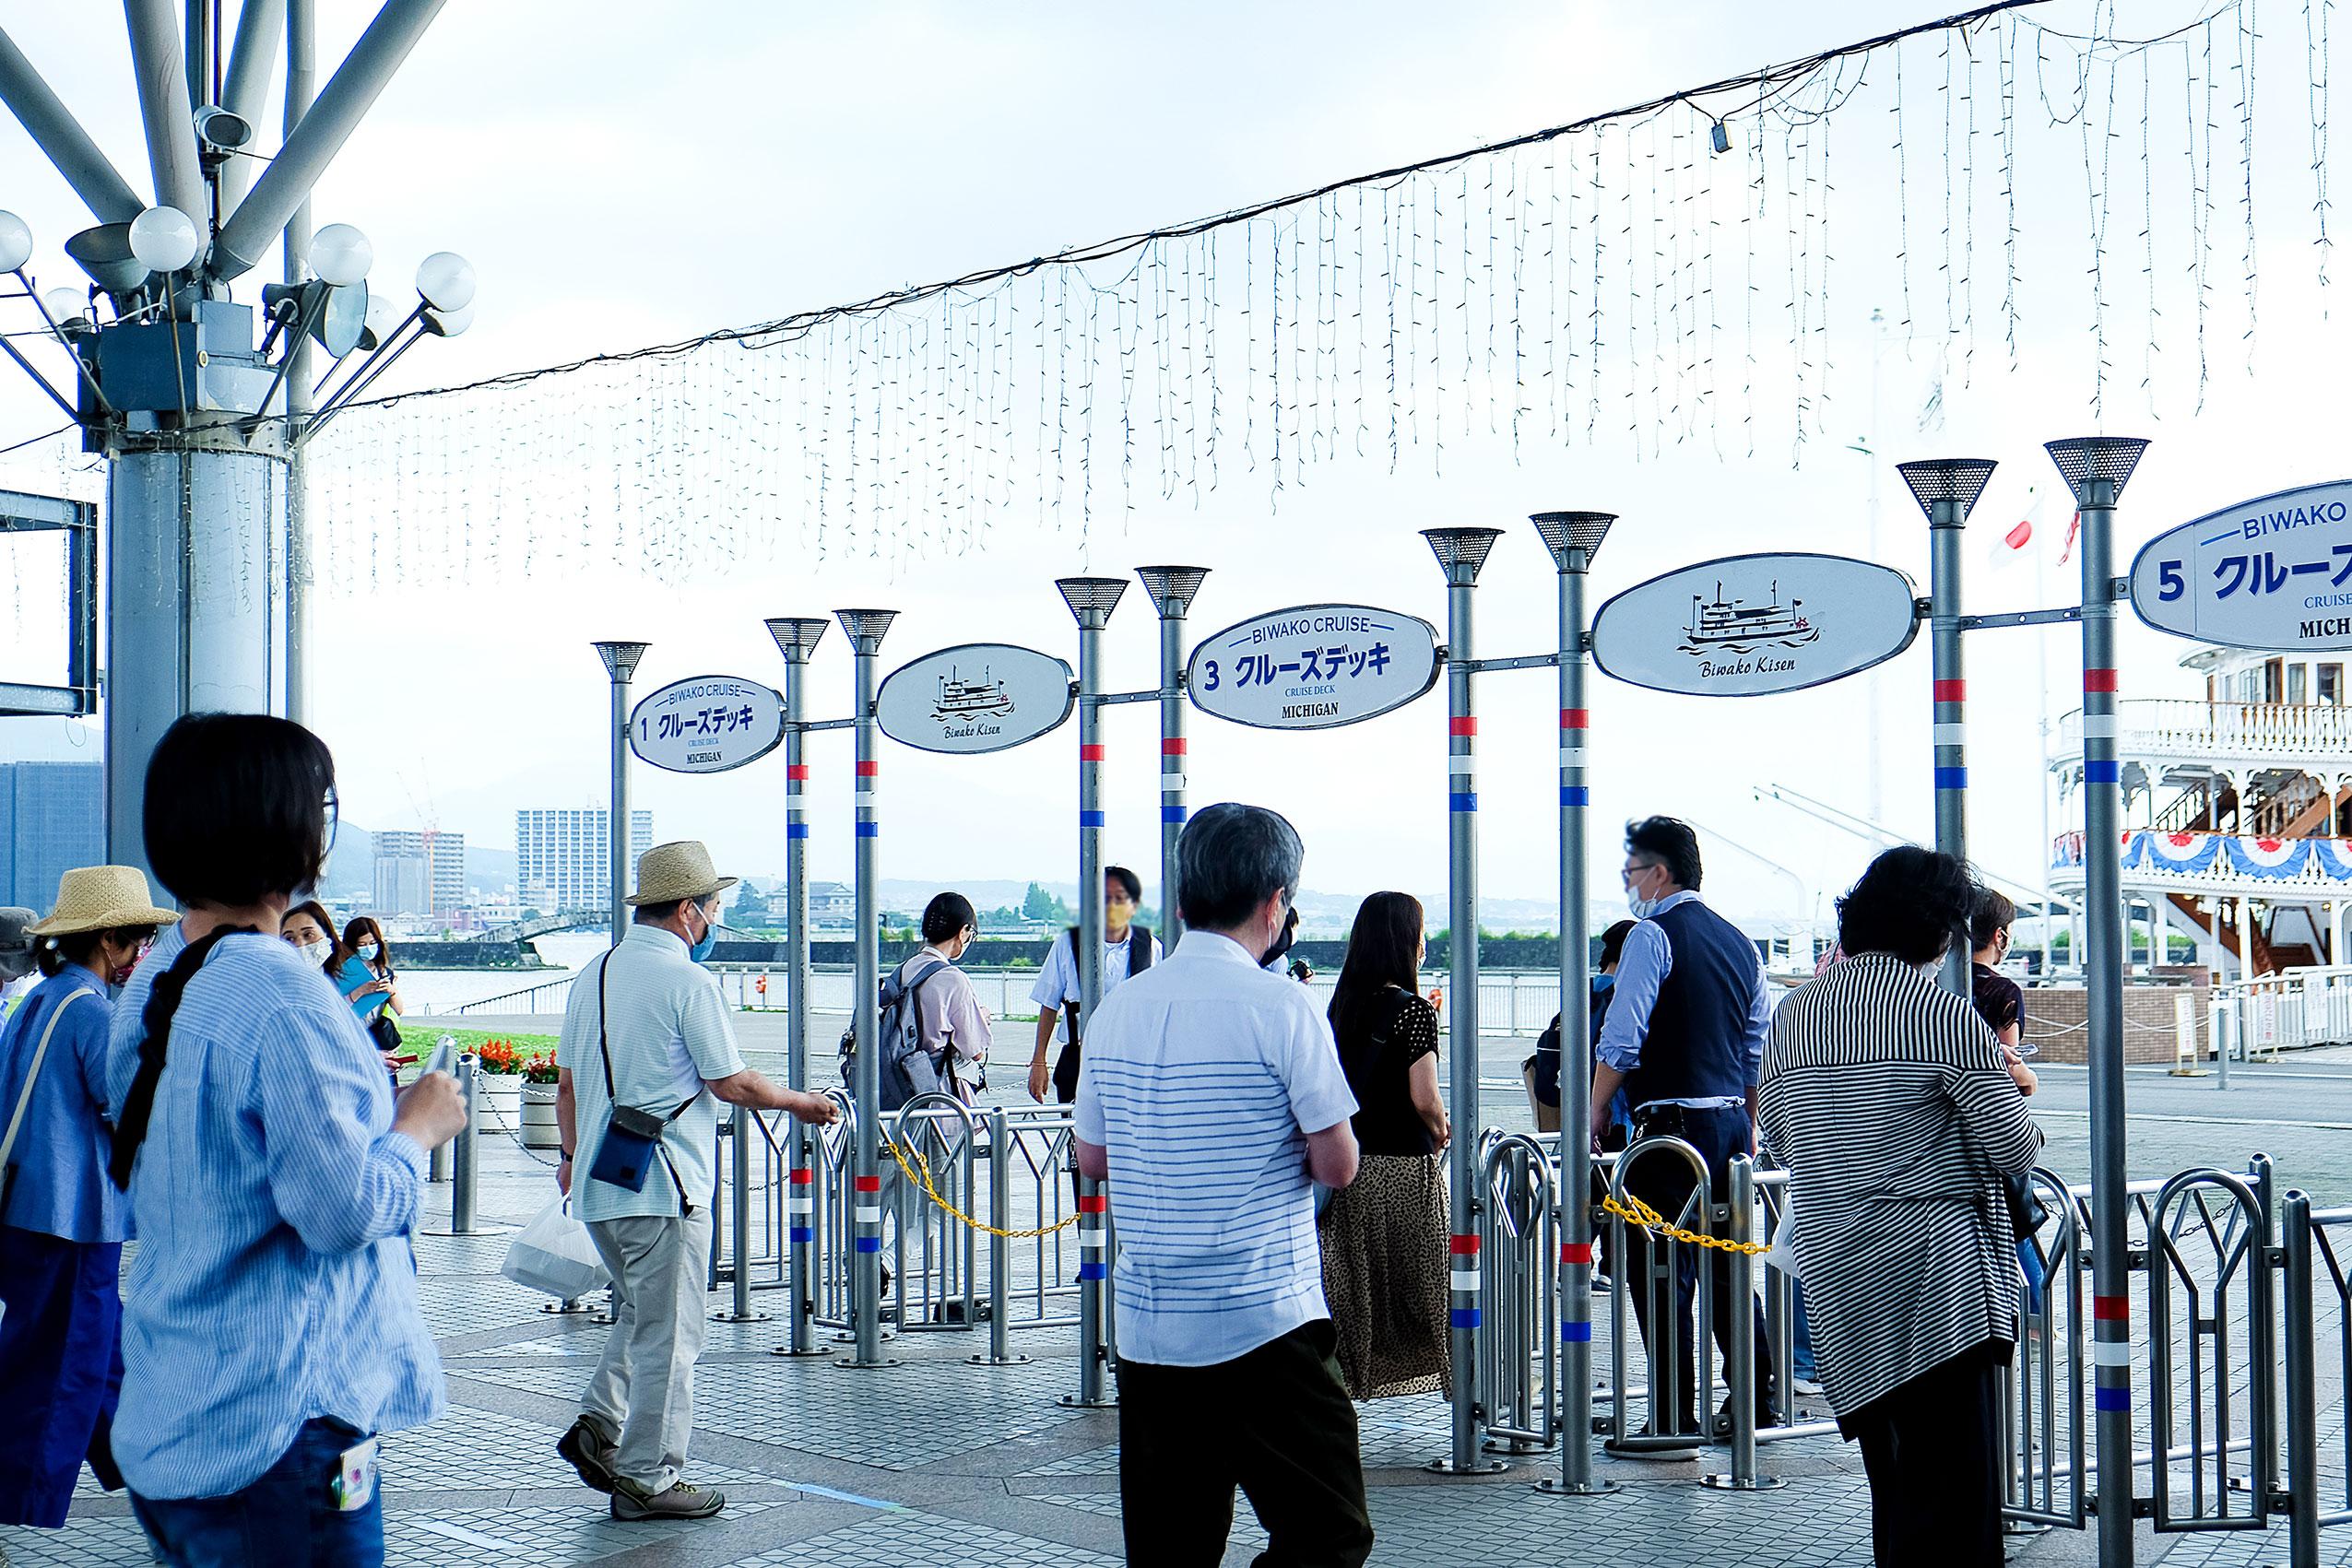 乗船当日は検温後にチケットとランチボックスを購入、港内の喫茶店「café capitano」でランチボックスを受け取る。もちろん乗船のみもOK